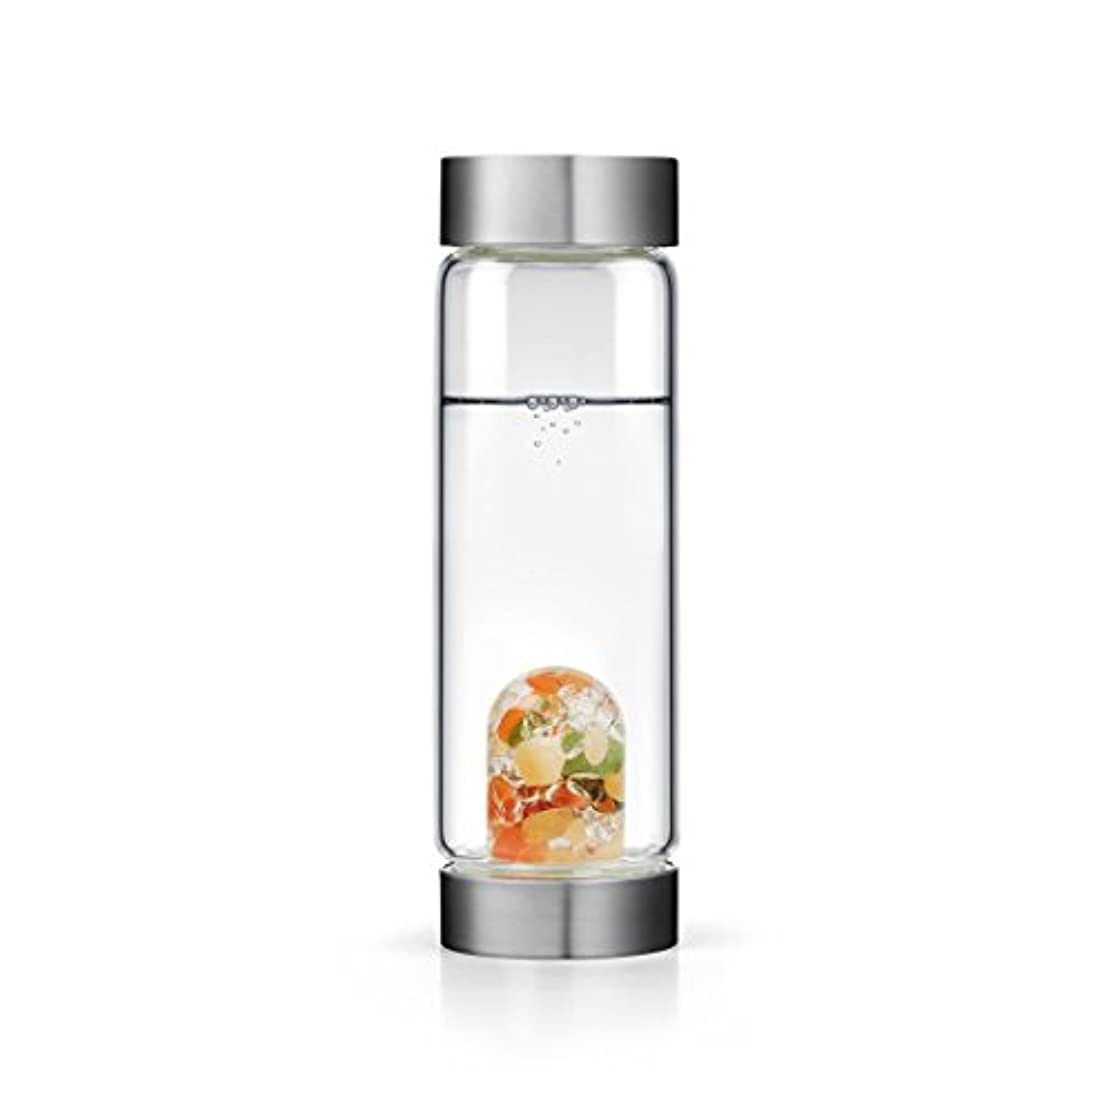 同化する権利を与える良心的Happiness gem-waterボトルby VitaJuwel W / Freeカリフォルニアホワイトセージバンドル 16.9 fl oz